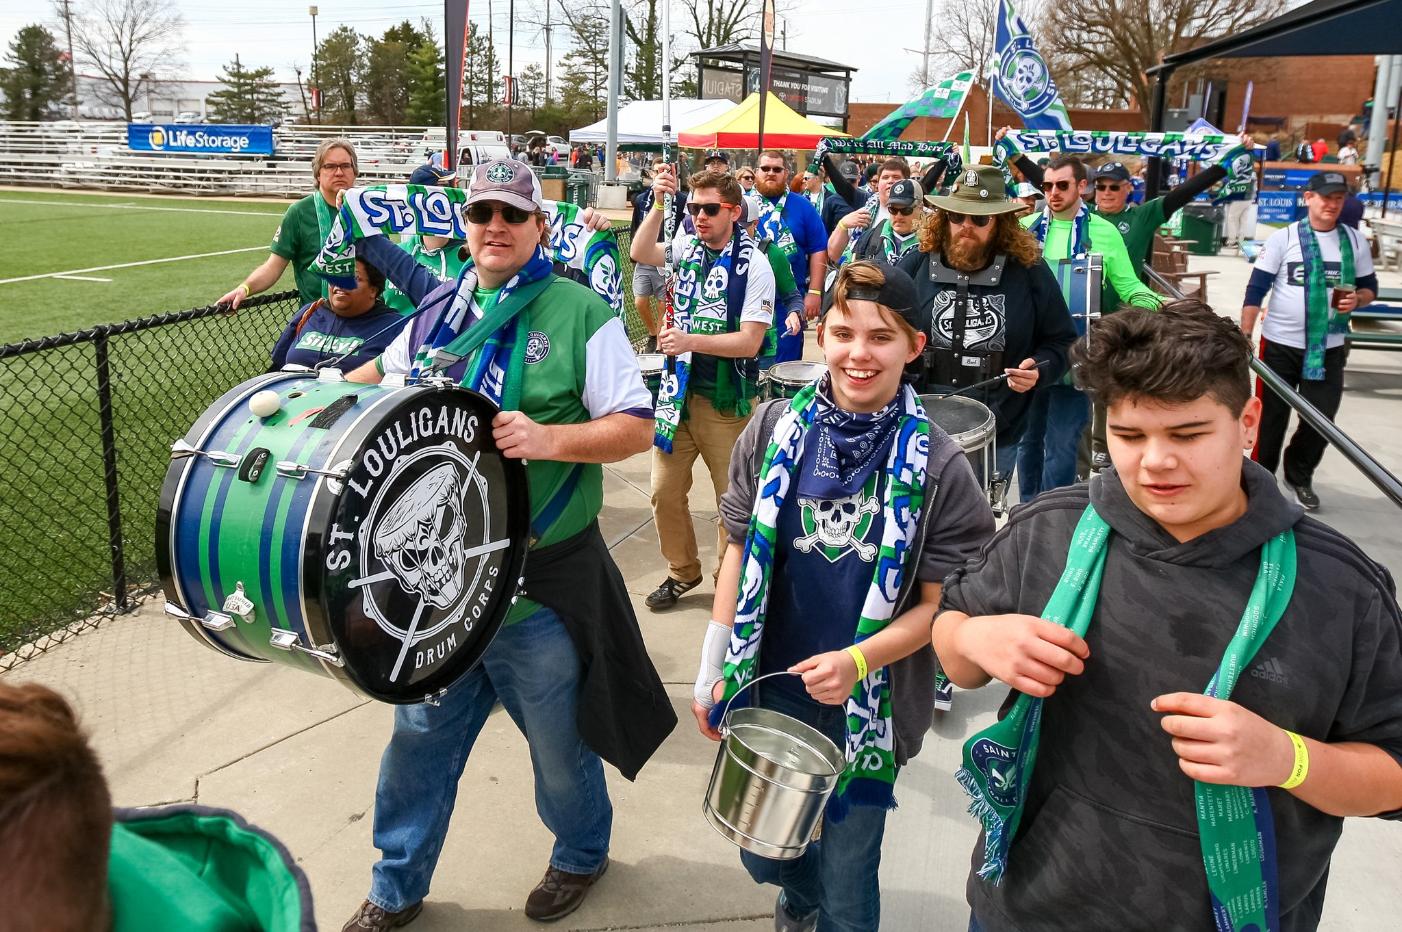 Saint Louis FC fan group St. Louligans at a recent match | Photo courtesy of Twitter (@SaintLouisFC)